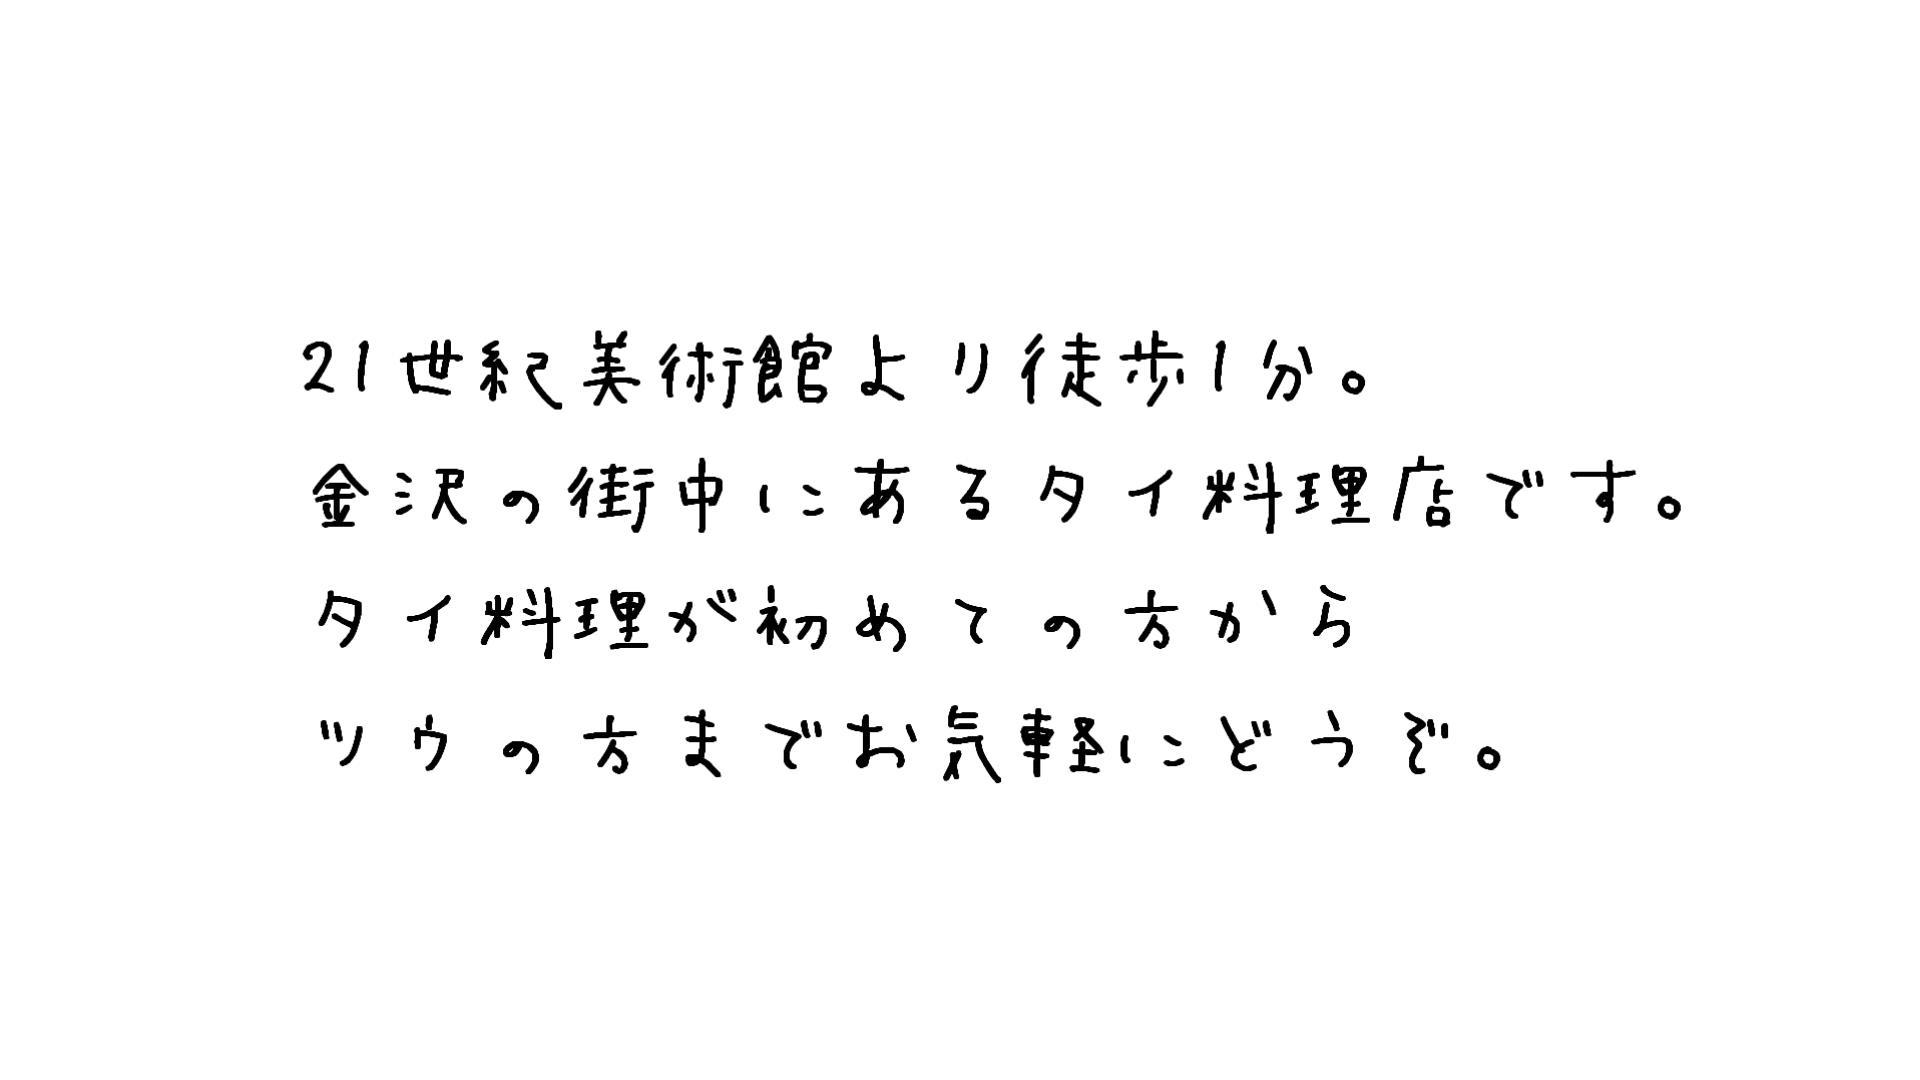 SnapShot(69).jpg